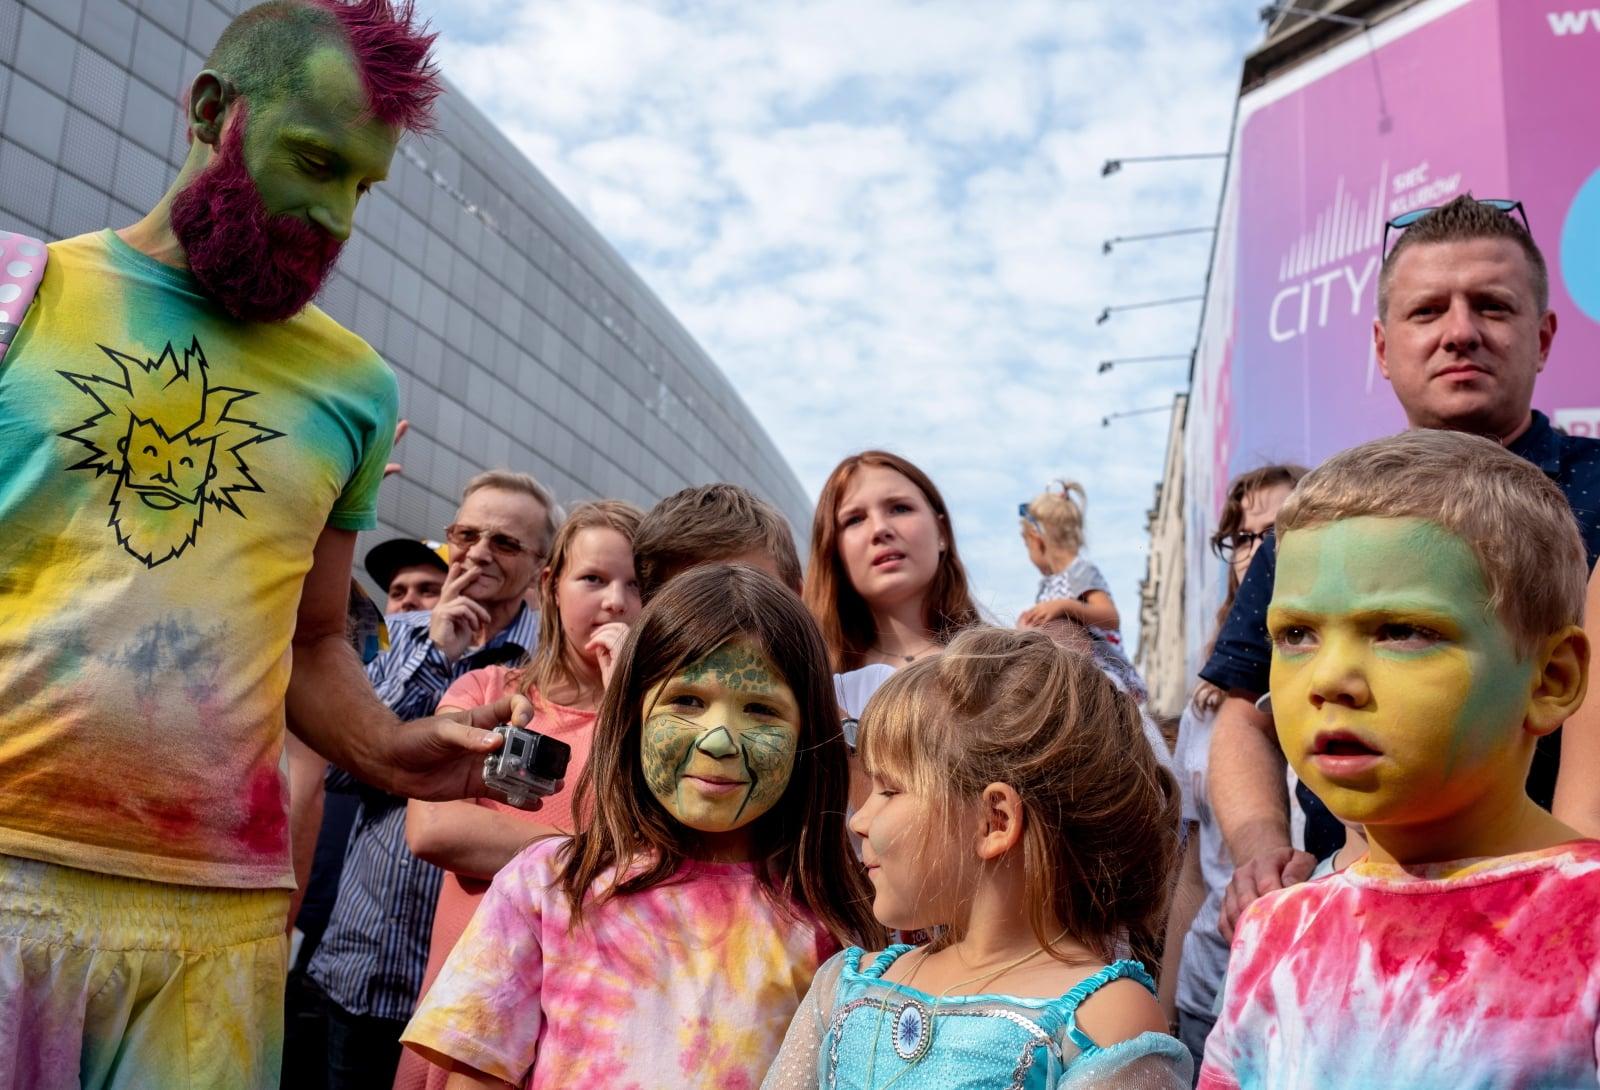 Przemarsz Superbohaterów ulicami miasta Katowic odbyły się w ramach 10. Międzygalaktycznego Zlotu Superbohaterów.